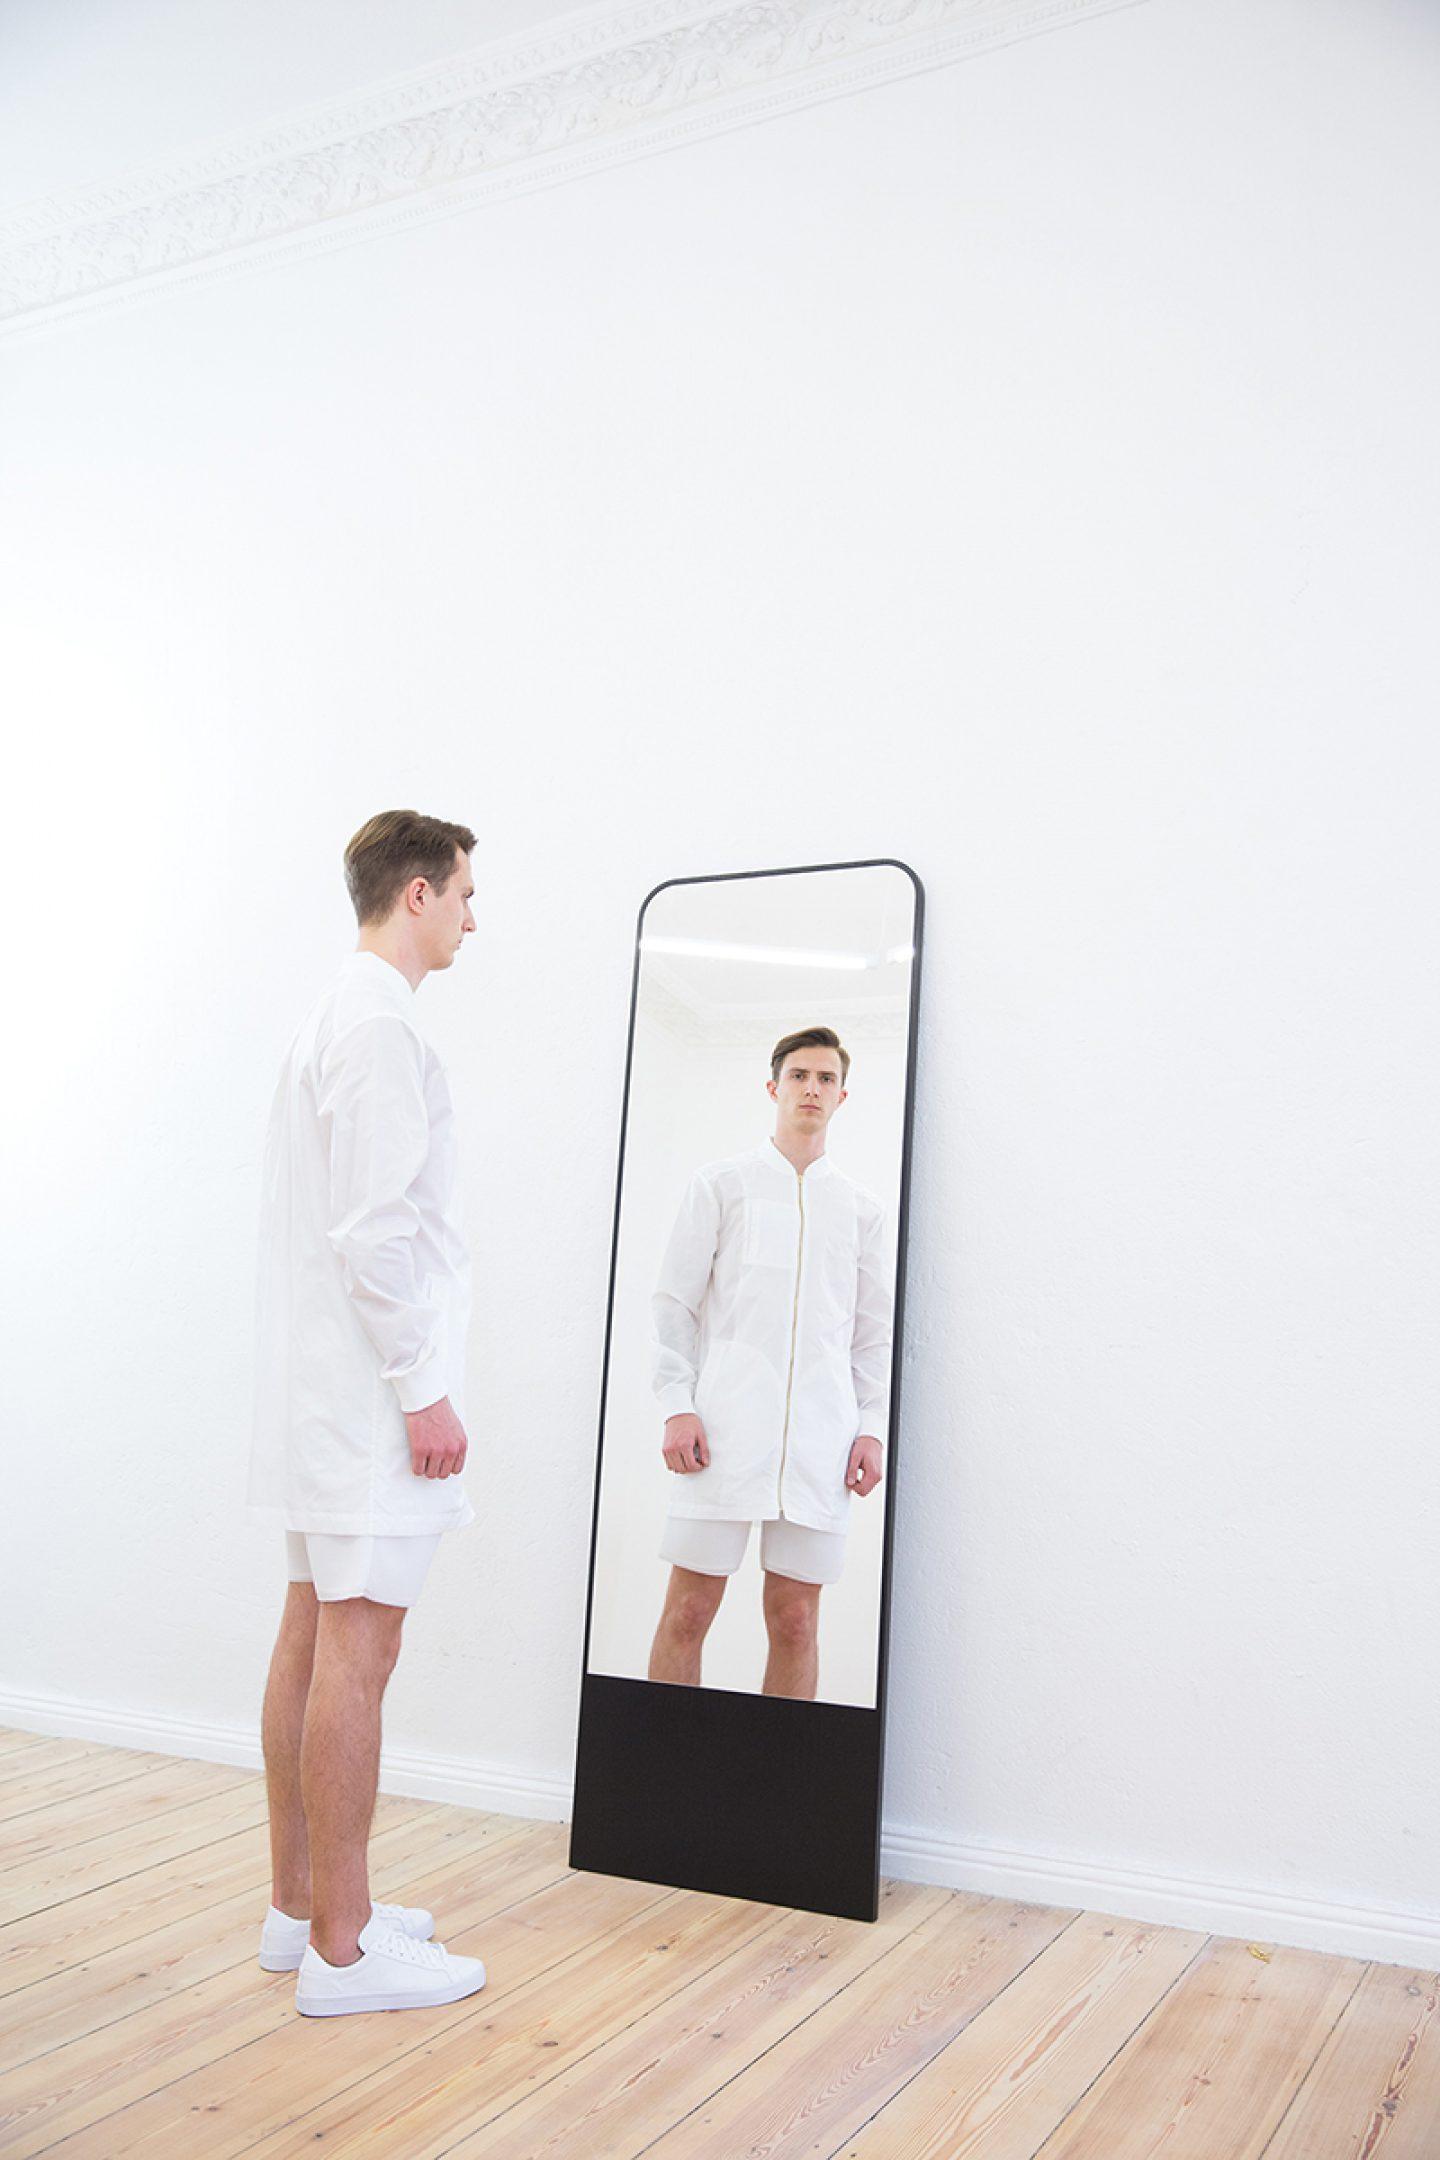 objekte-unserer-tage-09-andi-16-schneider-mirror